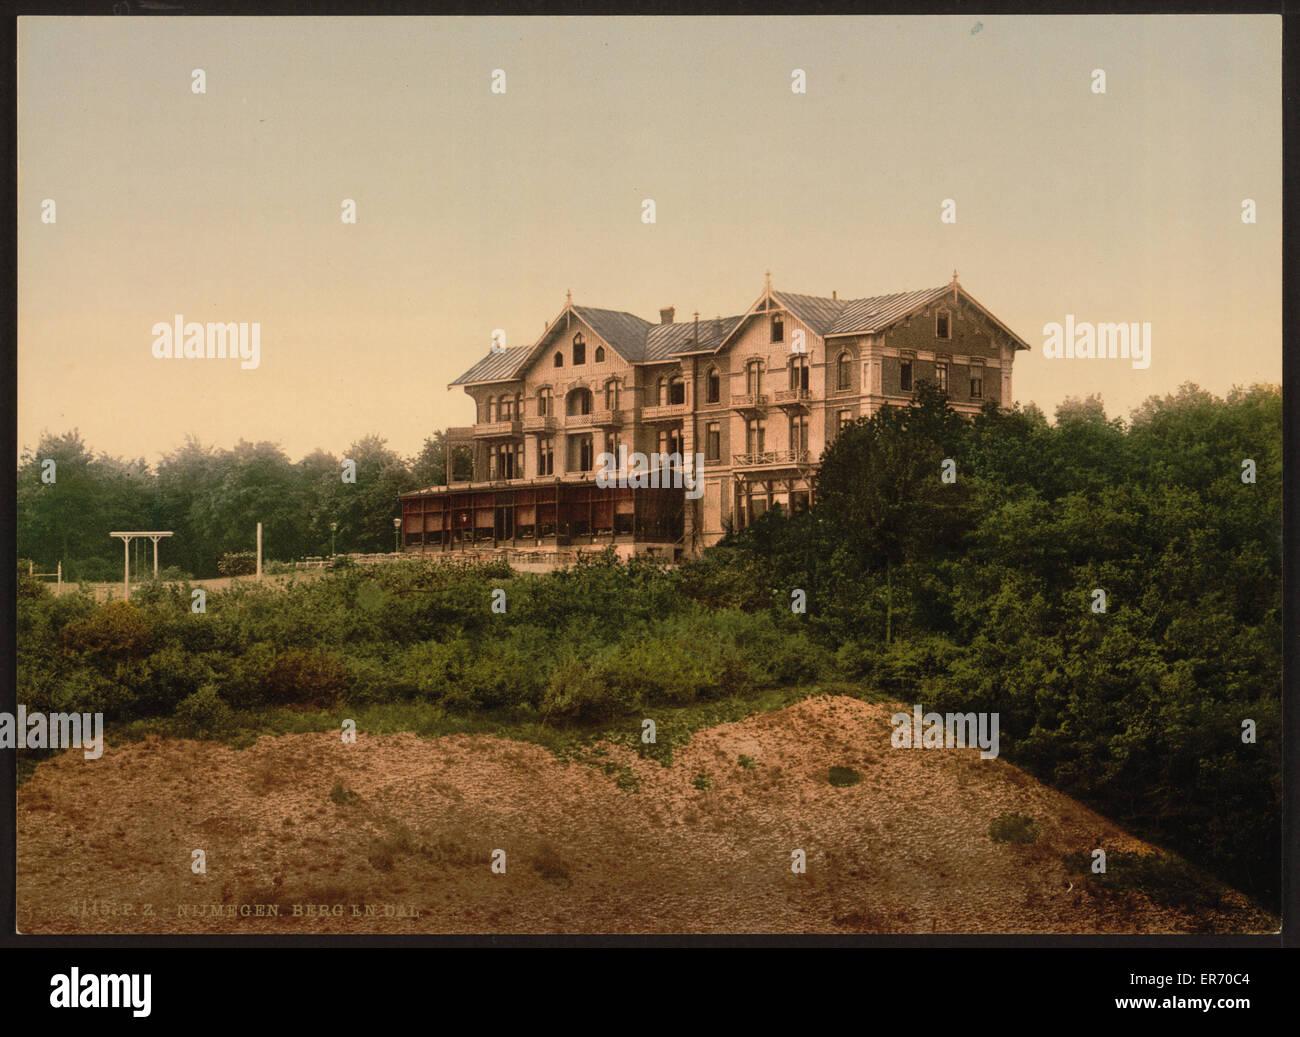 Das Hotel Berg En Dal, Nimwegen (d.h. Nijmegen), Holland. Bis ca. 1890 ca. 1900 bis heute. Stockbild